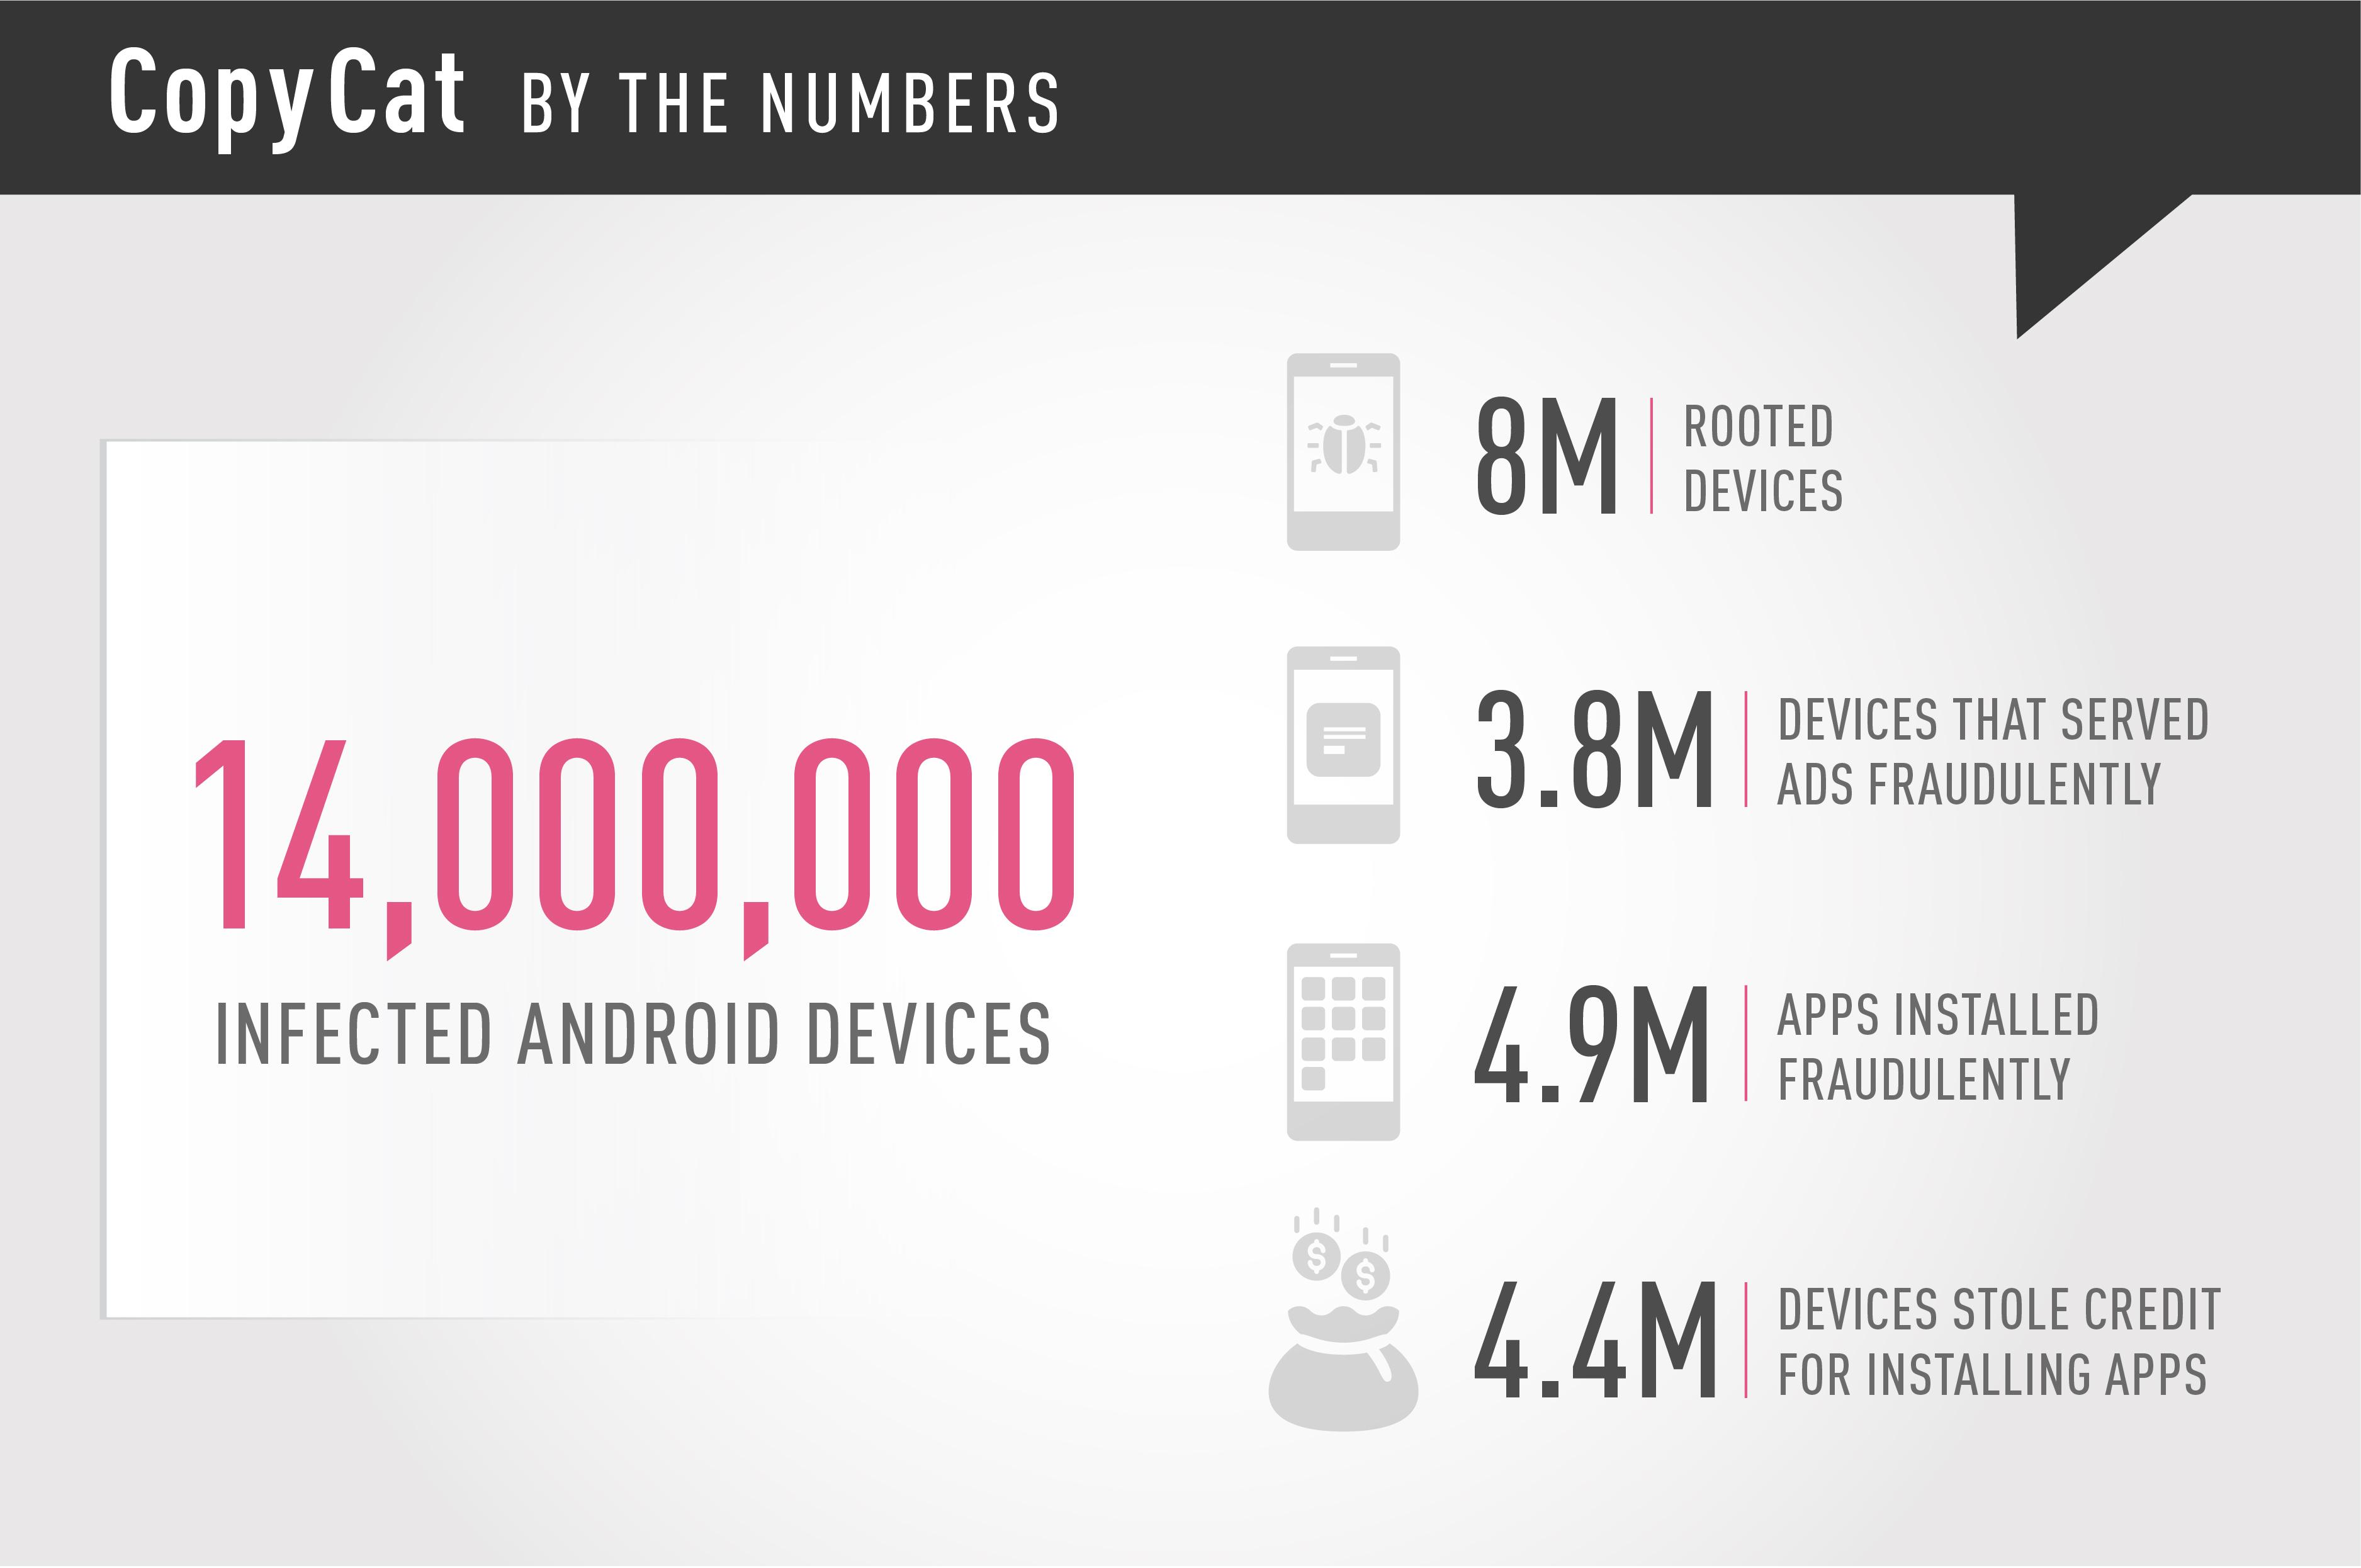 copycat ha infectado 14 millones de moviles